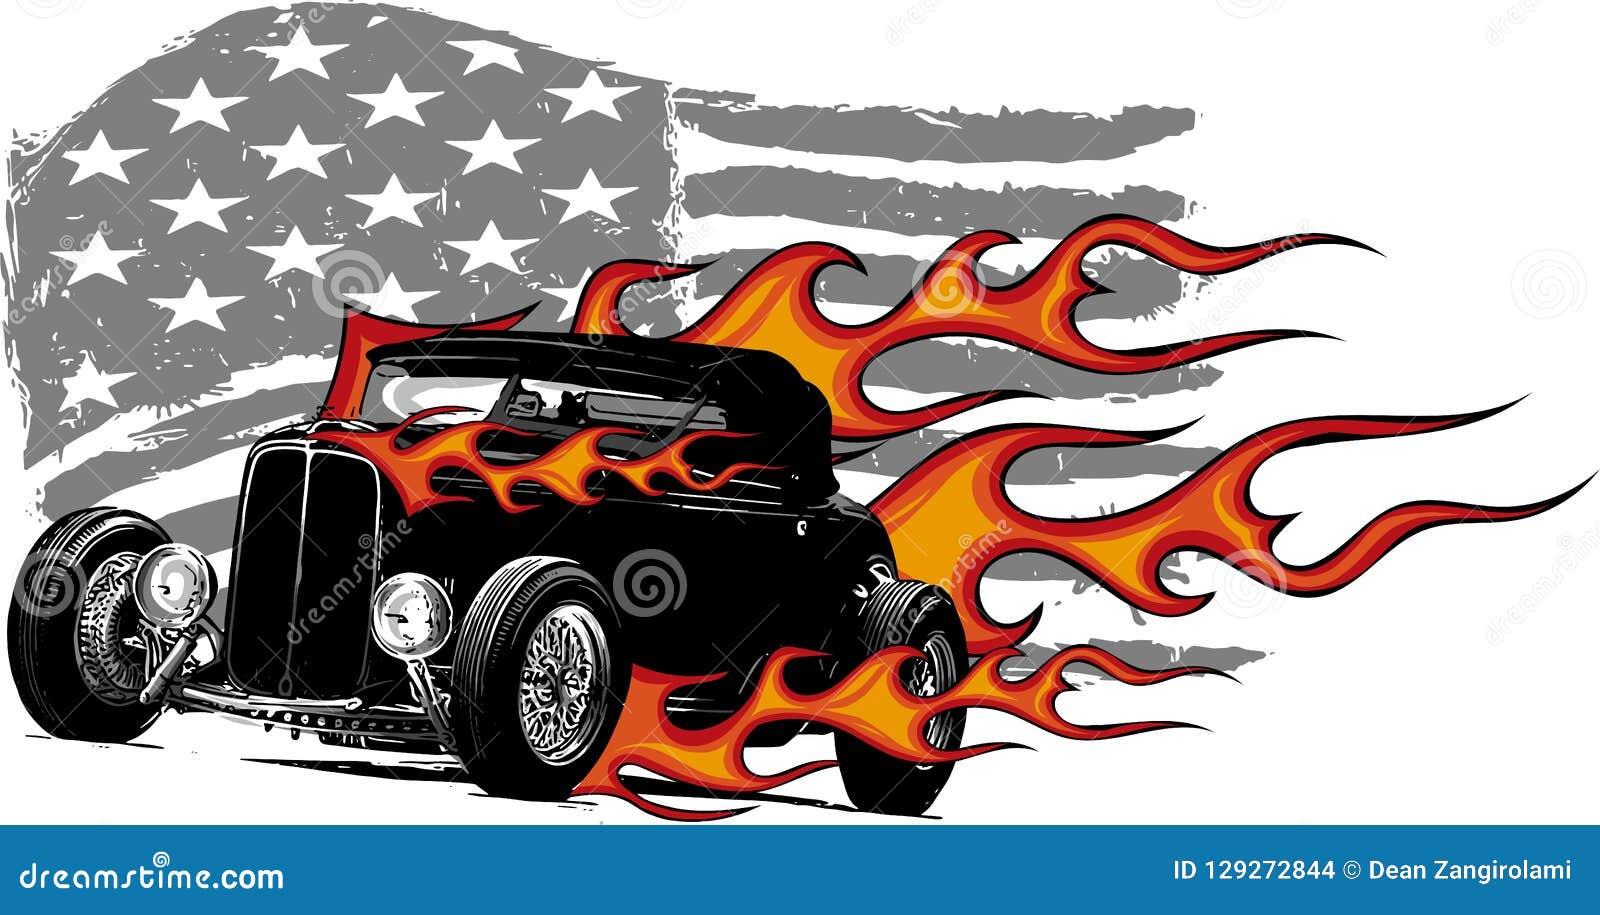 Ejemplo del diseño gráfico de vector de un coche americano del músculo